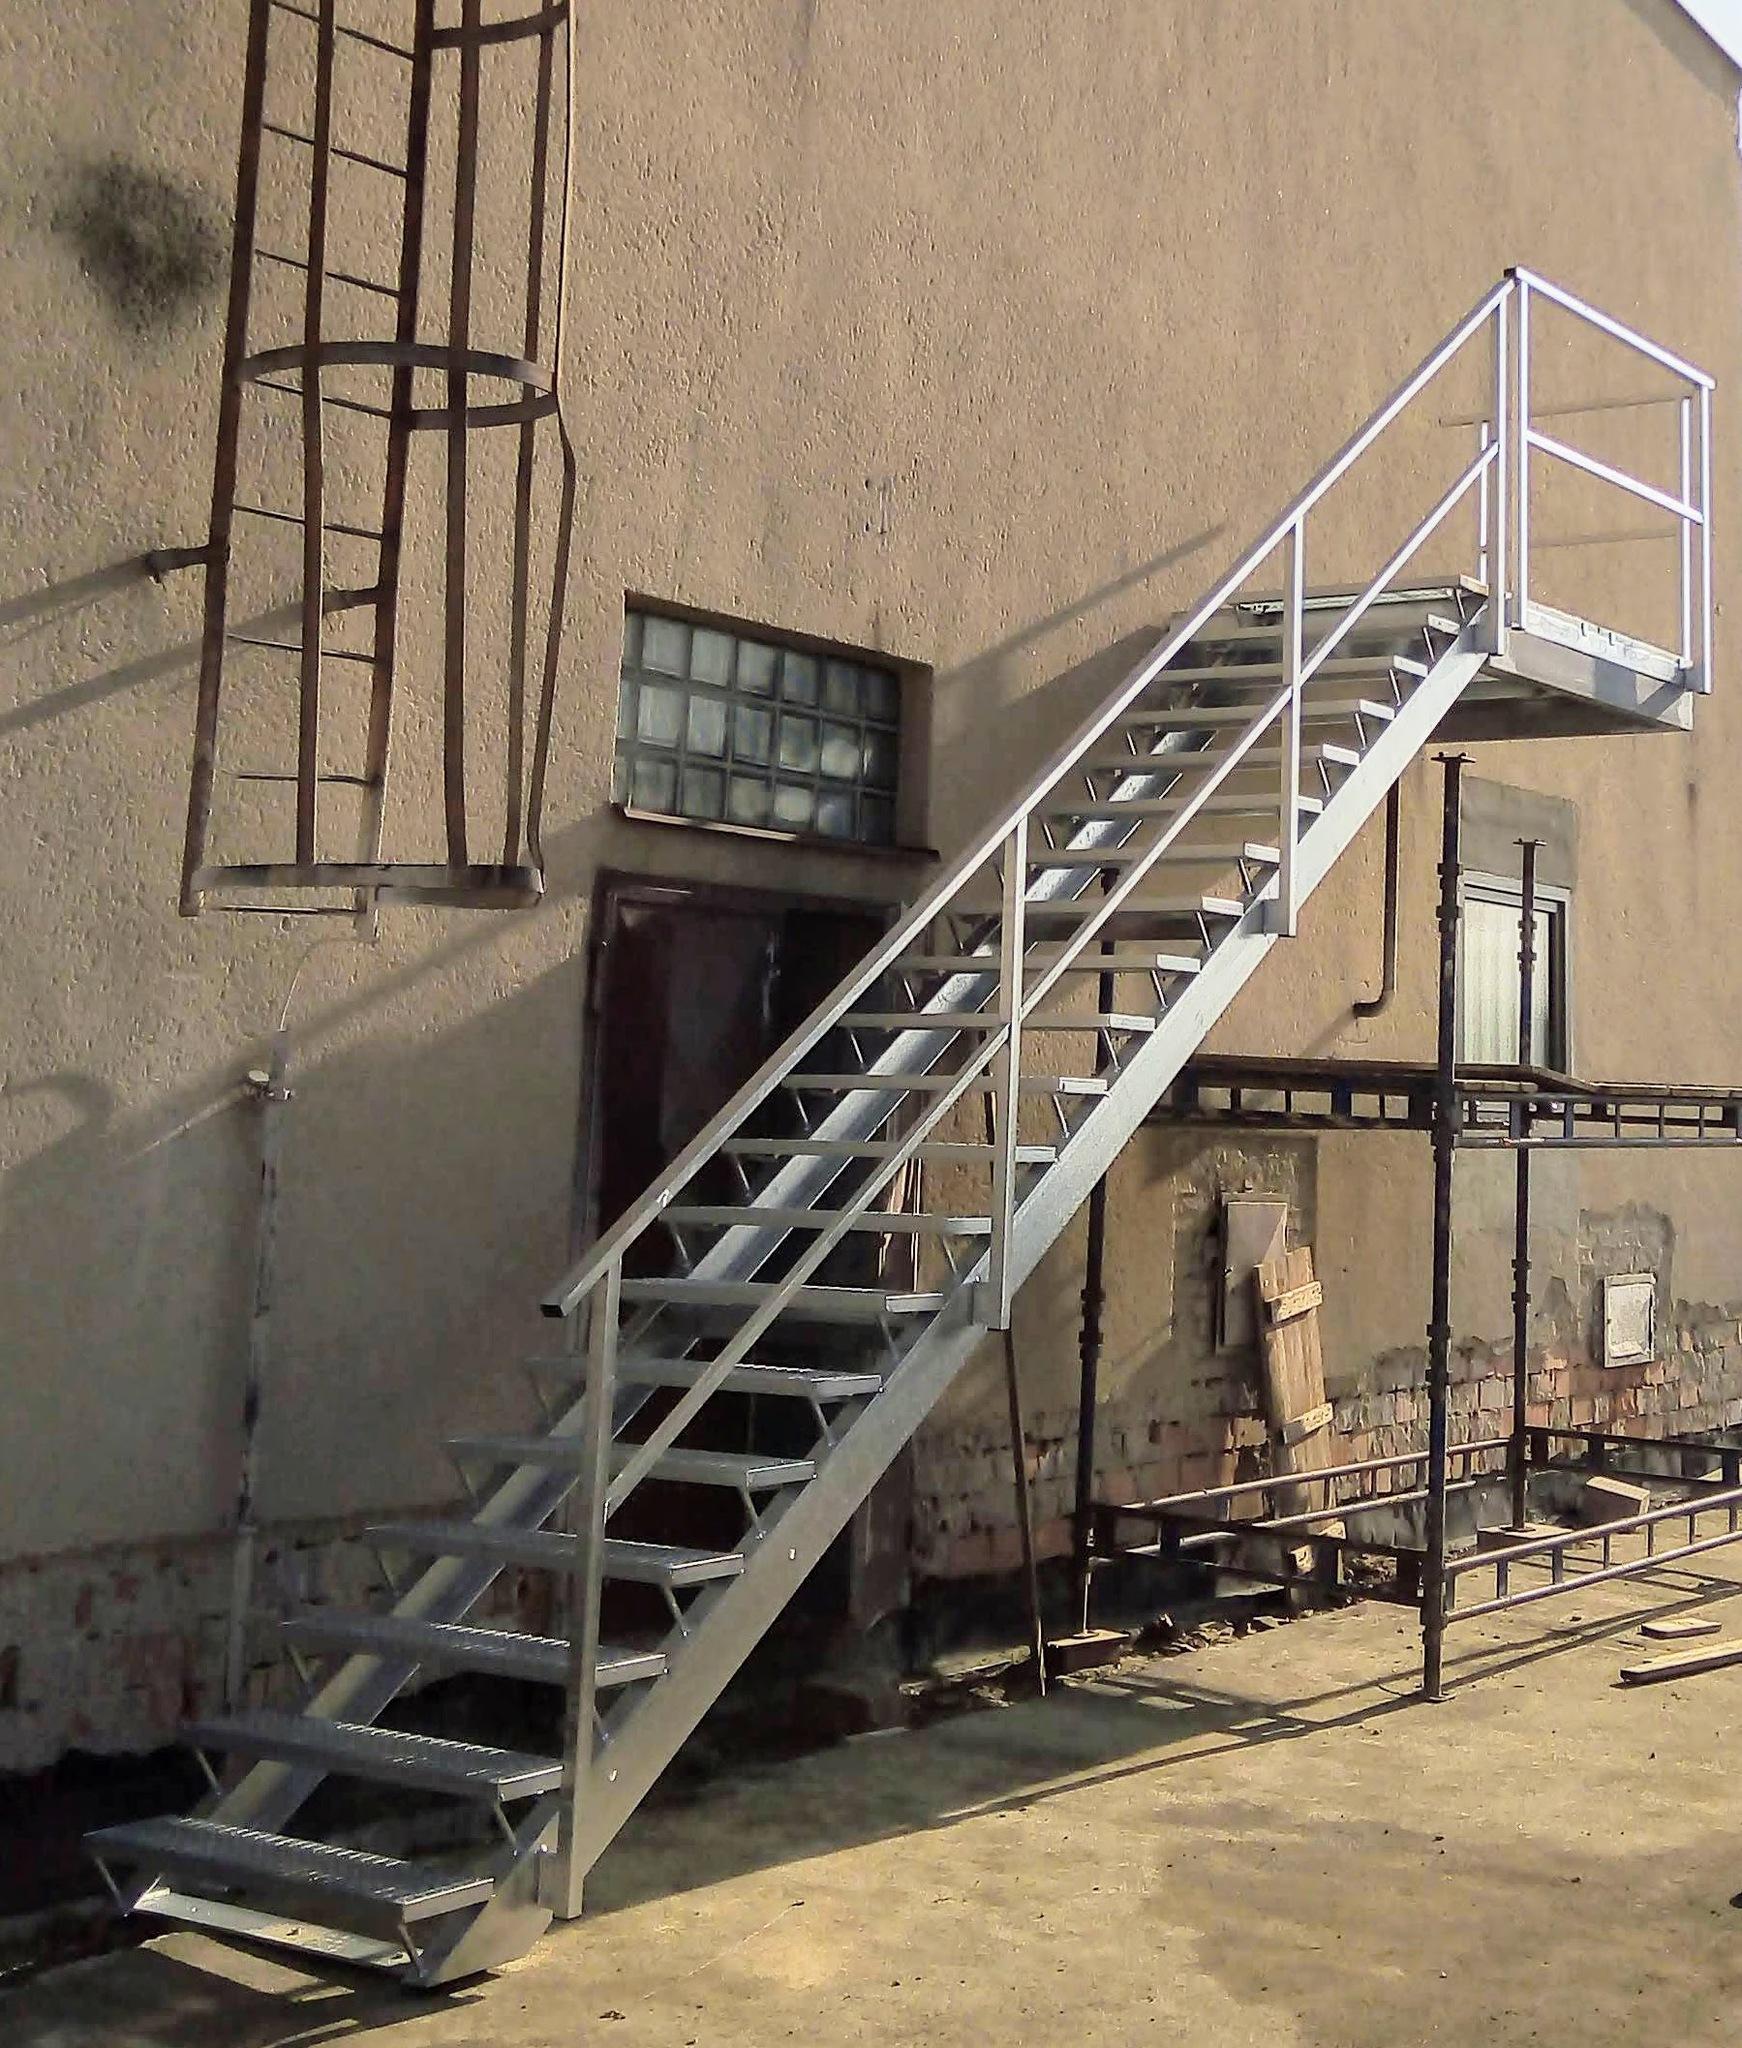 Pozinkované schody s podestou, pororošty a zábradlí